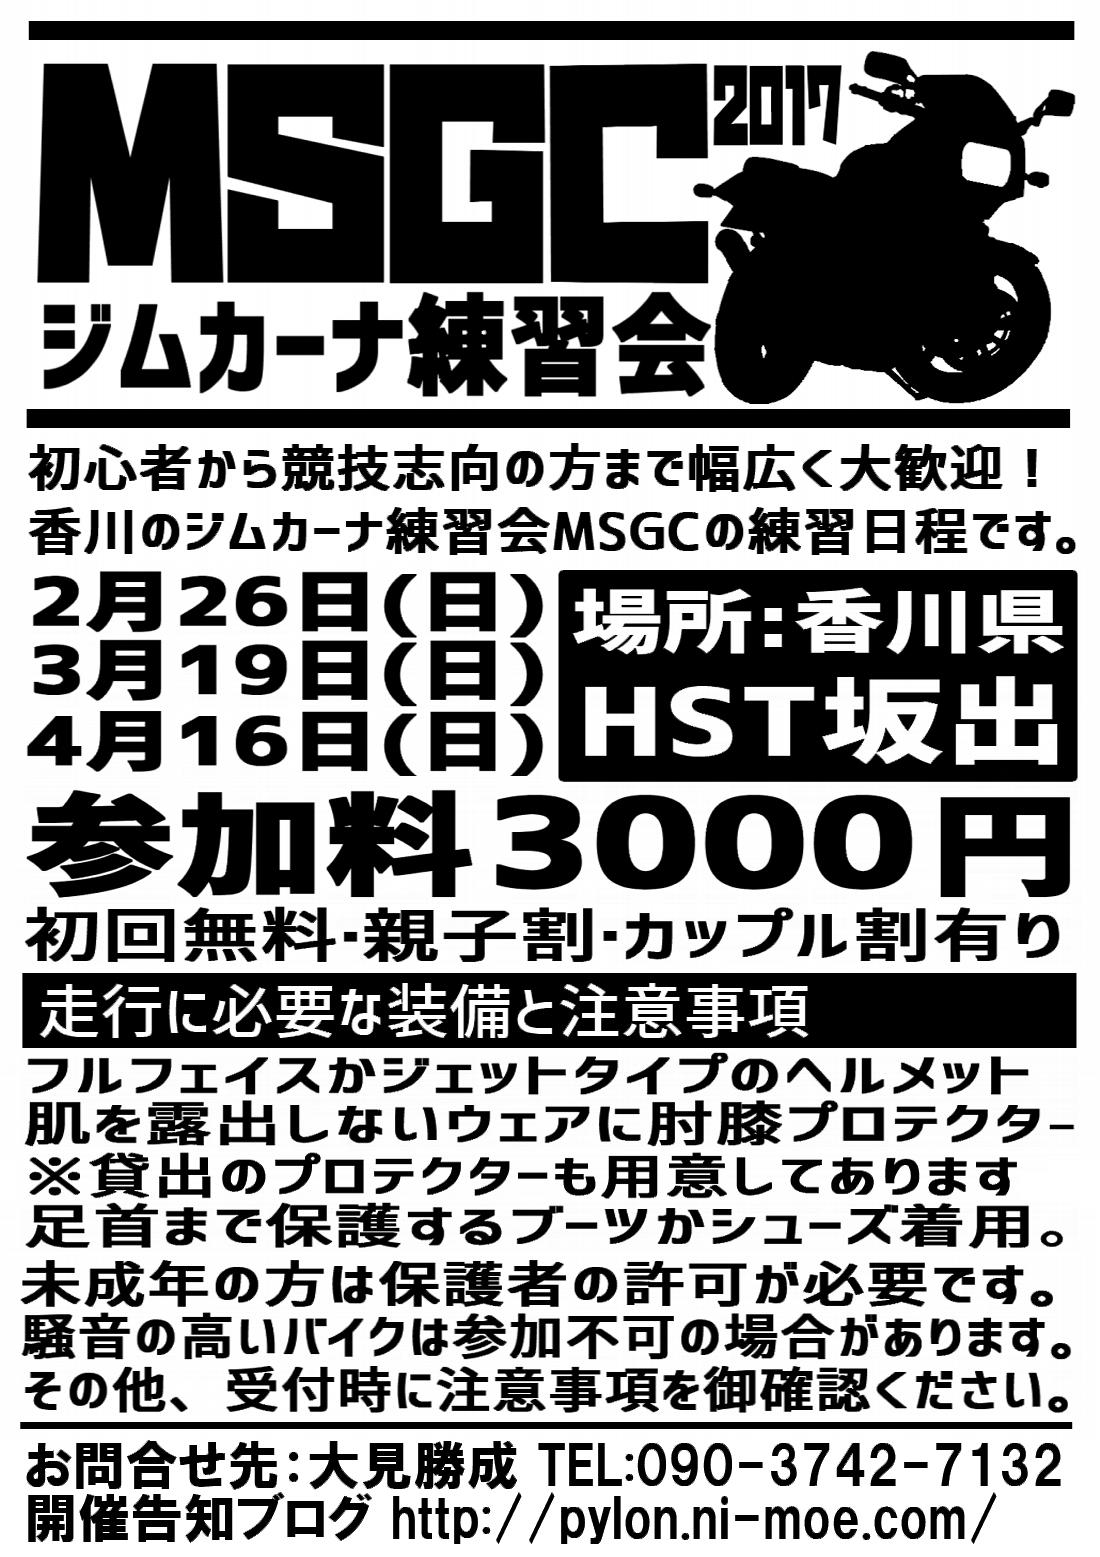 香川県MSGCジムカーナ練習会2017の日程。_b0163075_14402595.png